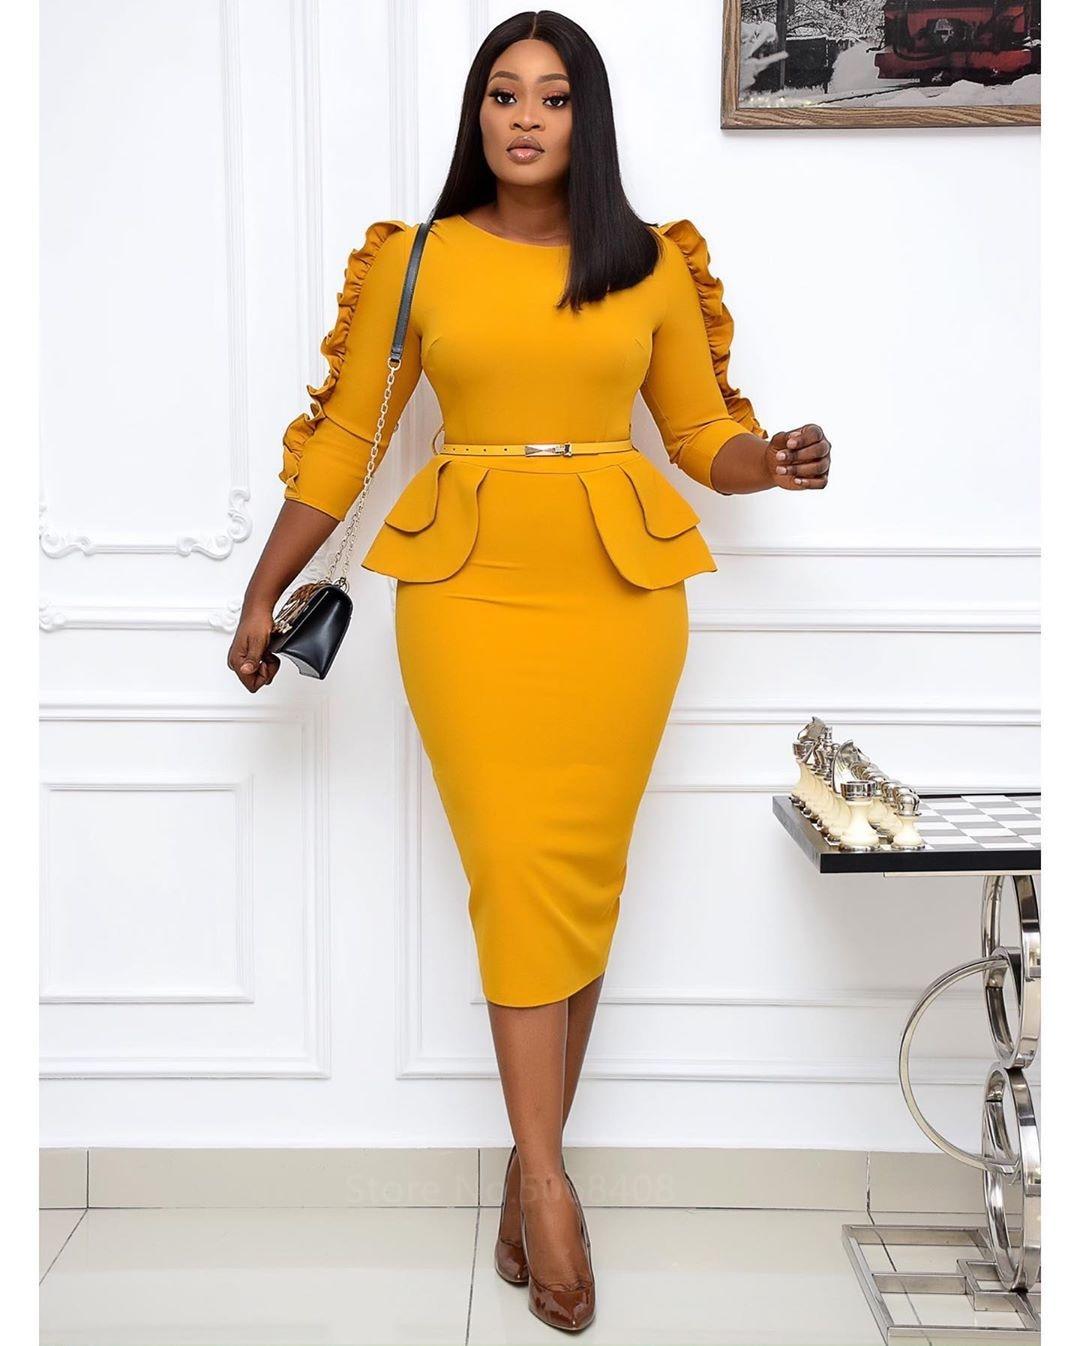 New Elastic Sheath Bodycon Slim Ruffles Elegant Work Dress